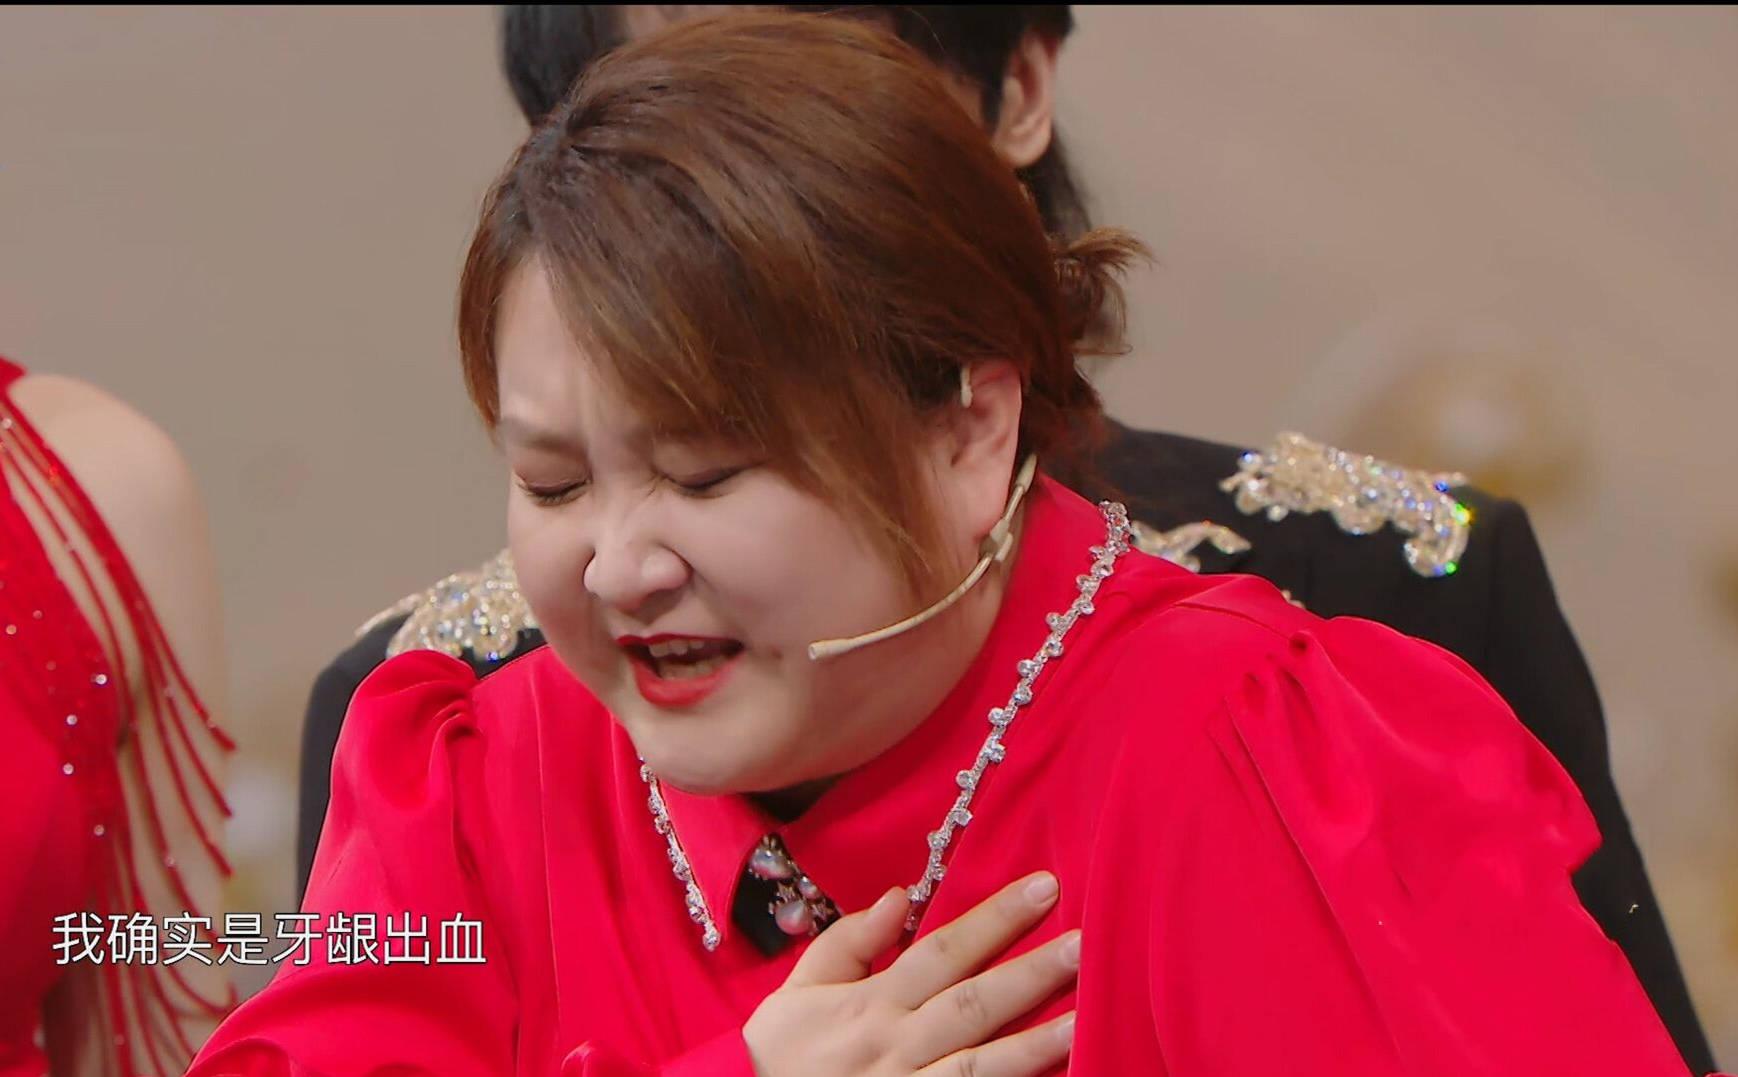 王牌:贾玲又胖了,杨 颖眼纹多,关晓彤毛晓彤